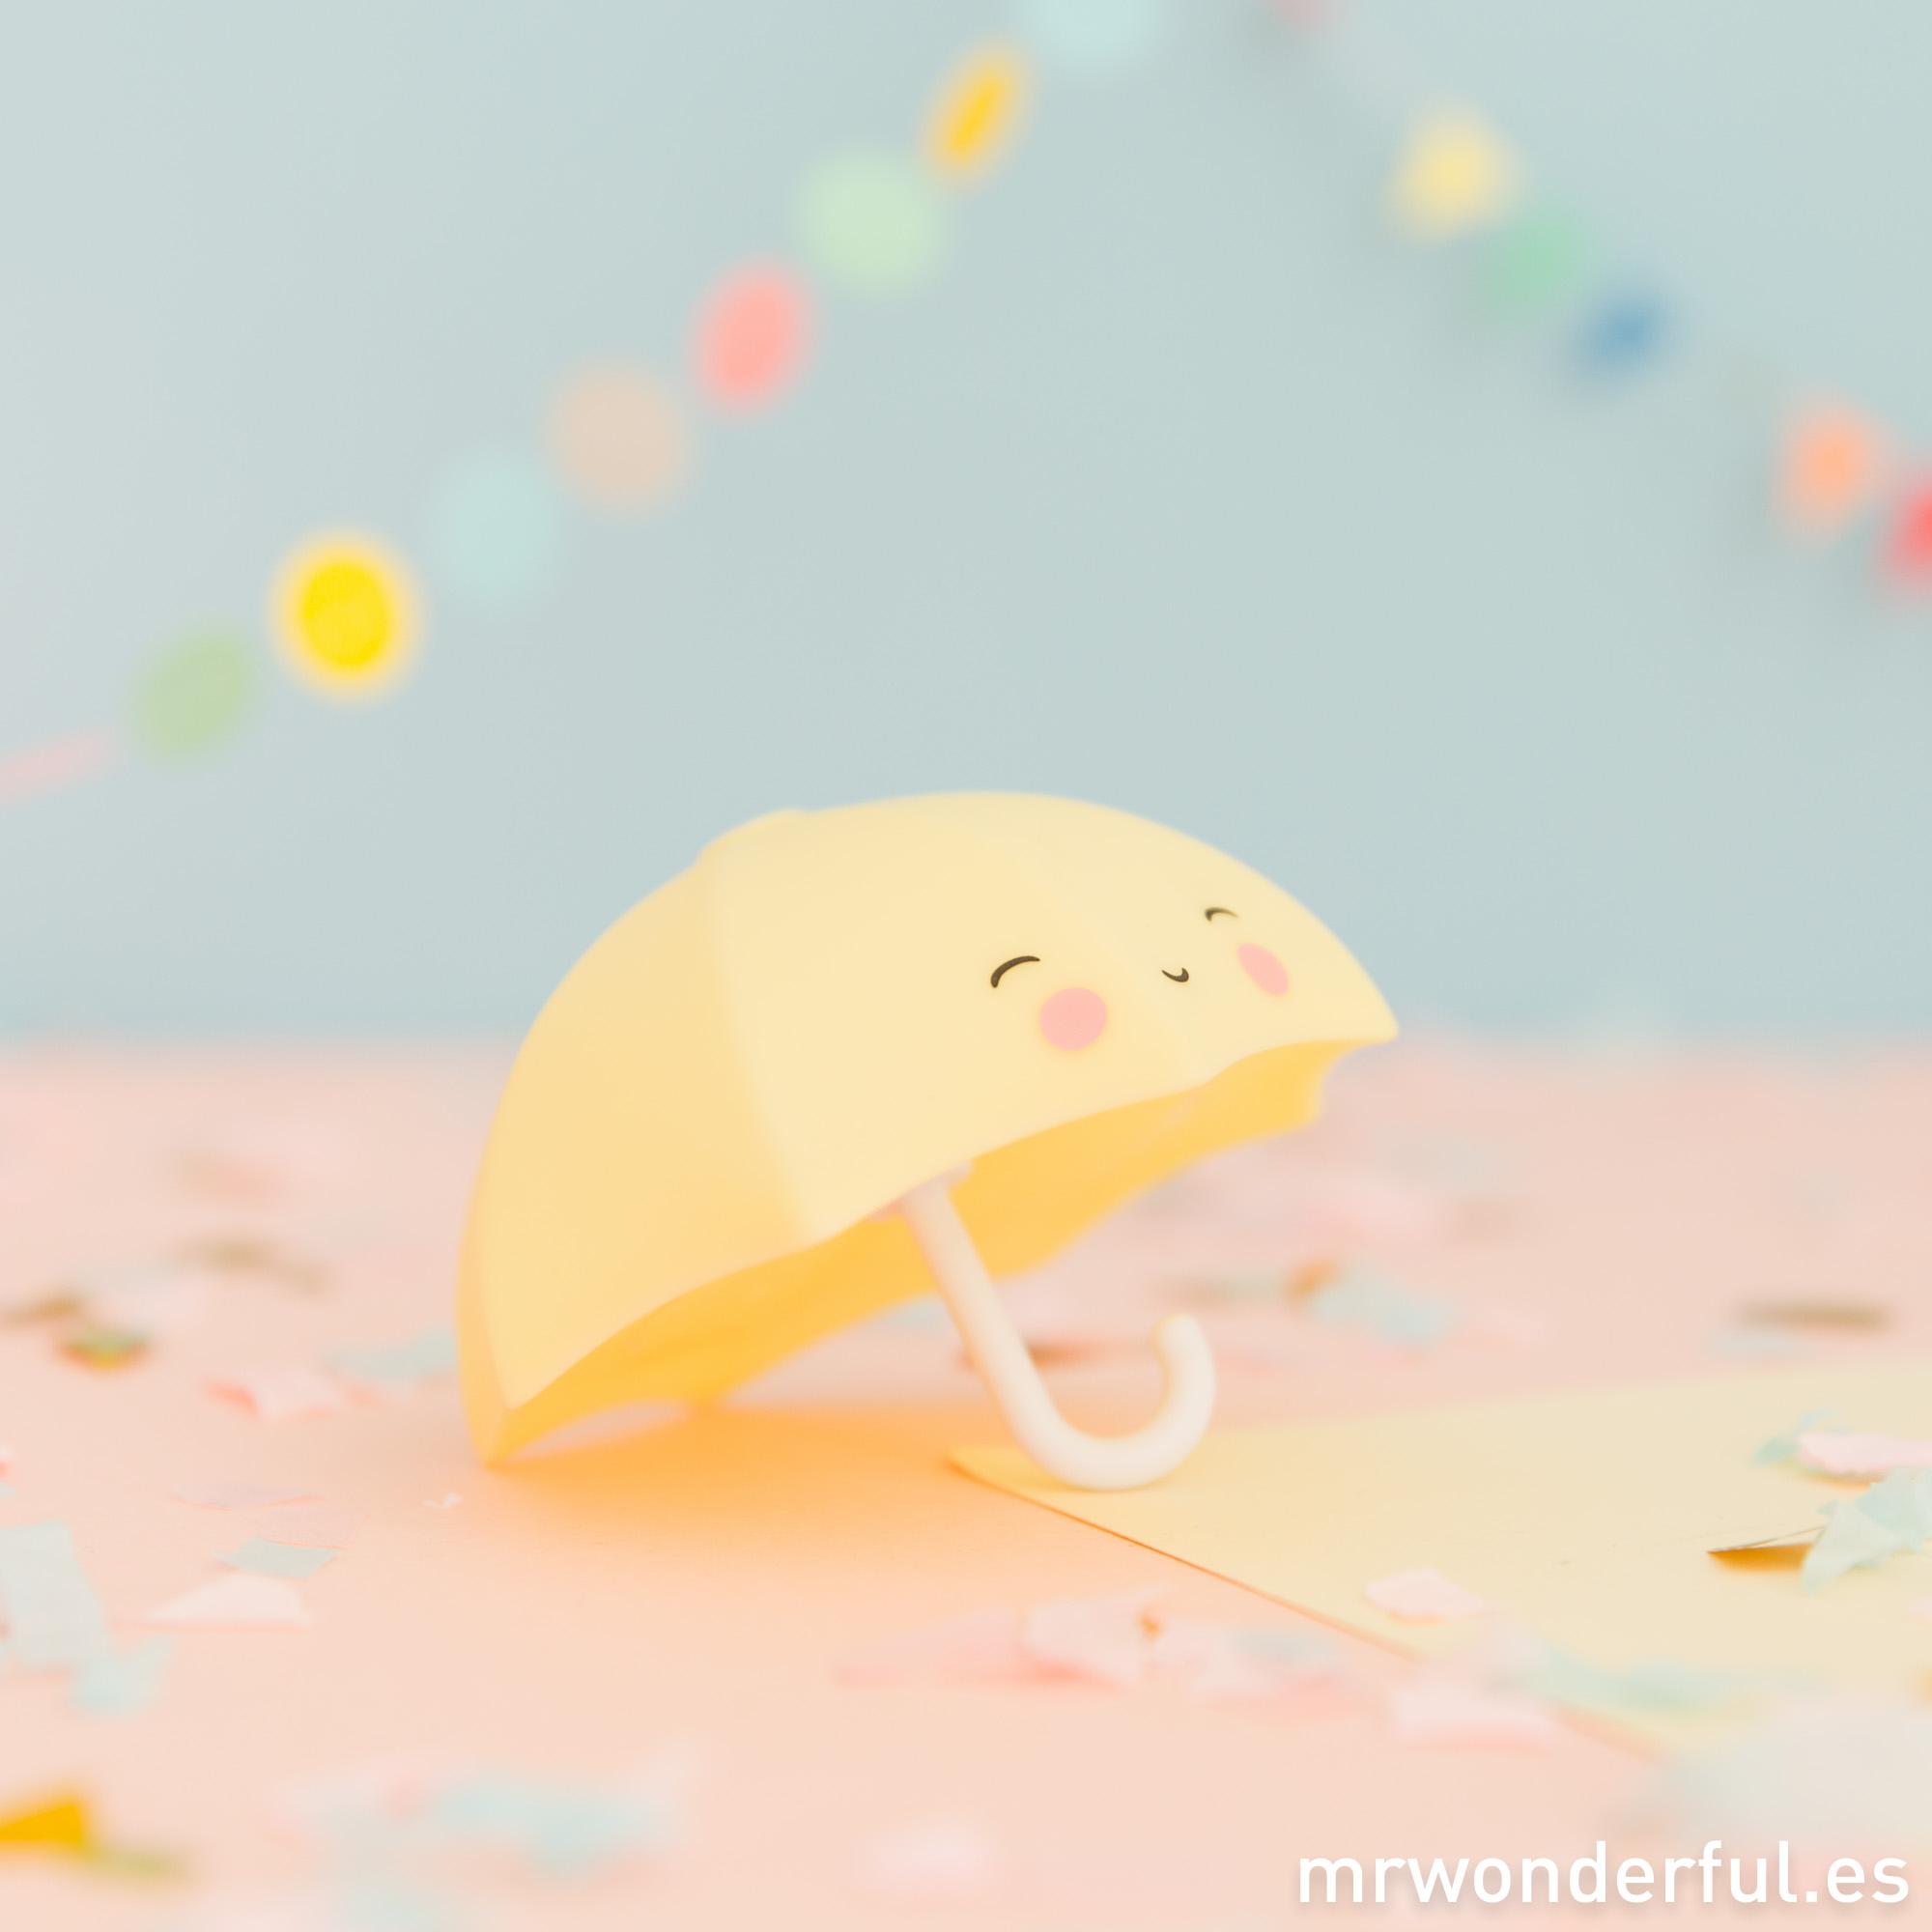 mrwonderful_pra03090un_juguete_para_bano-paraguas-2